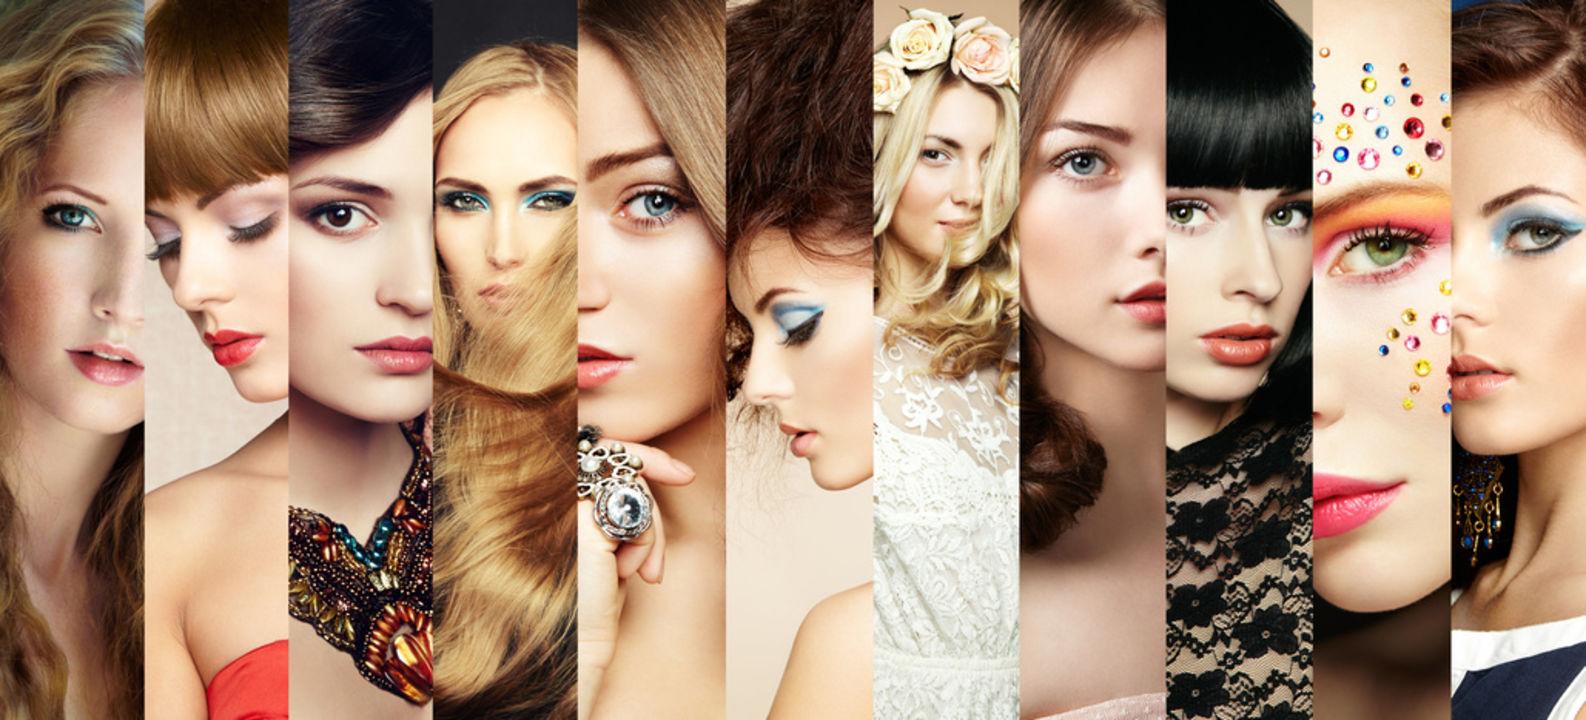 Die Welt des Make-up